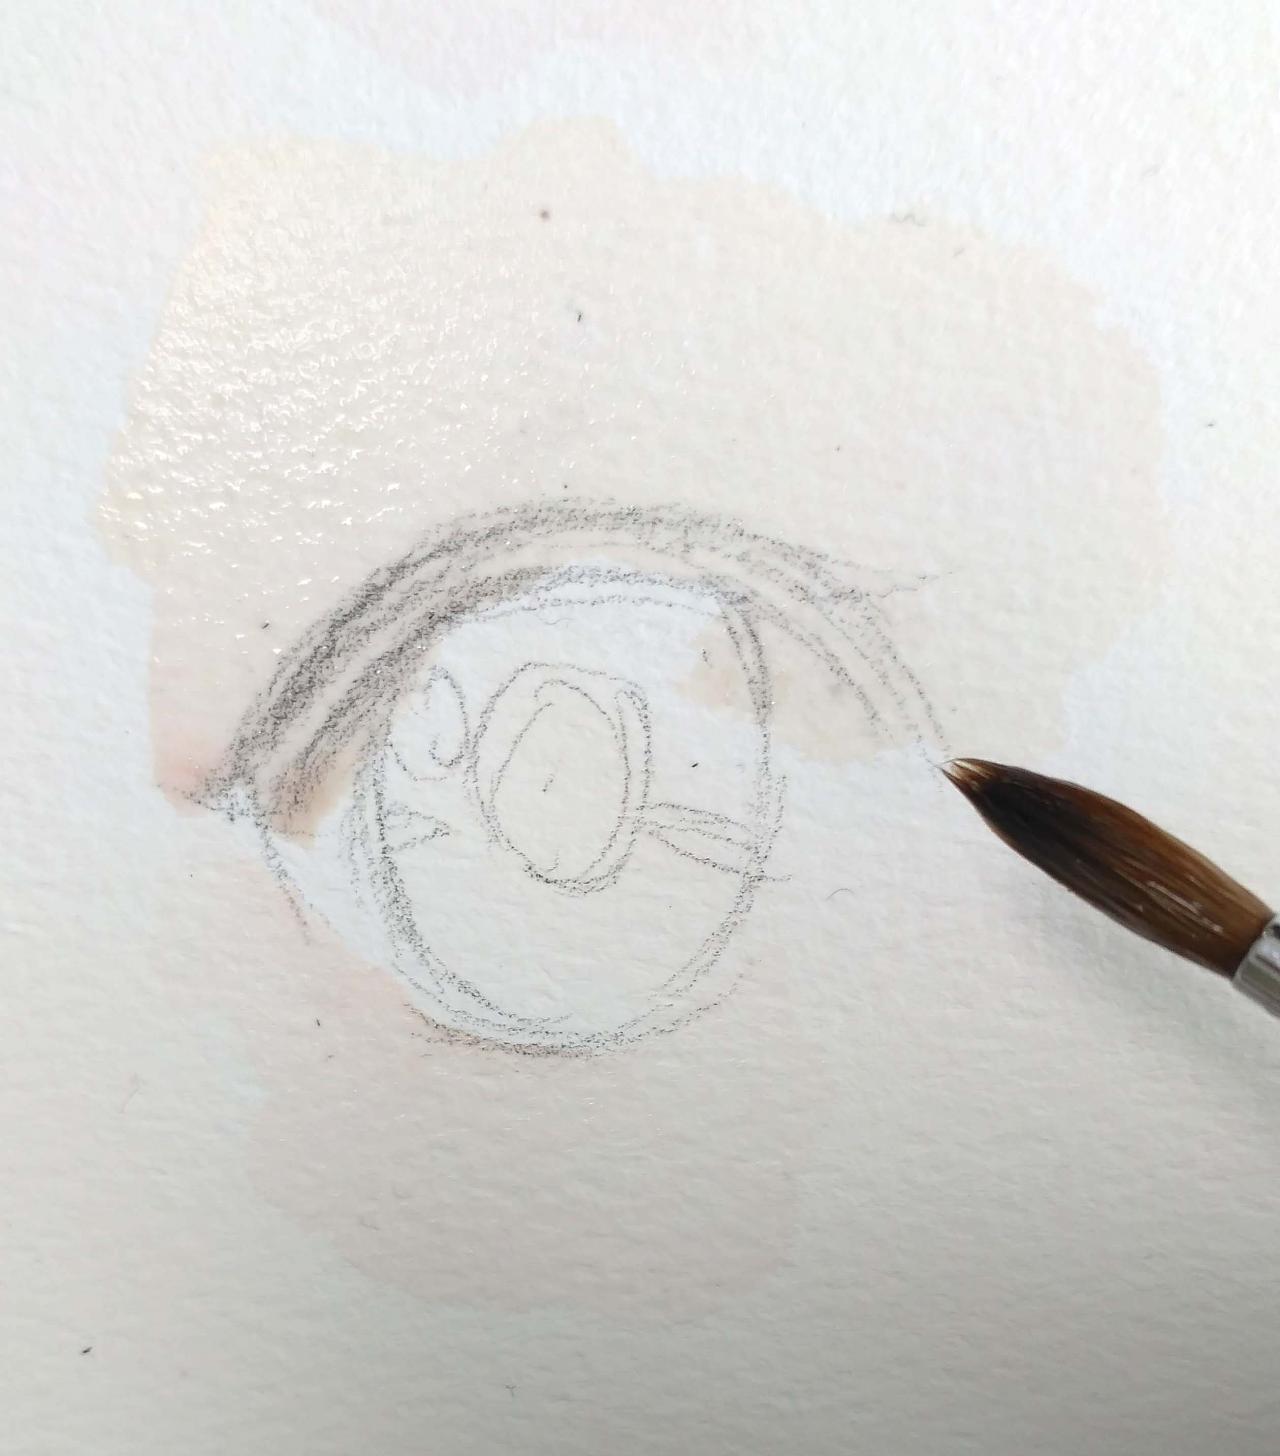 手绘水彩眼睛,大叔漫画工作室